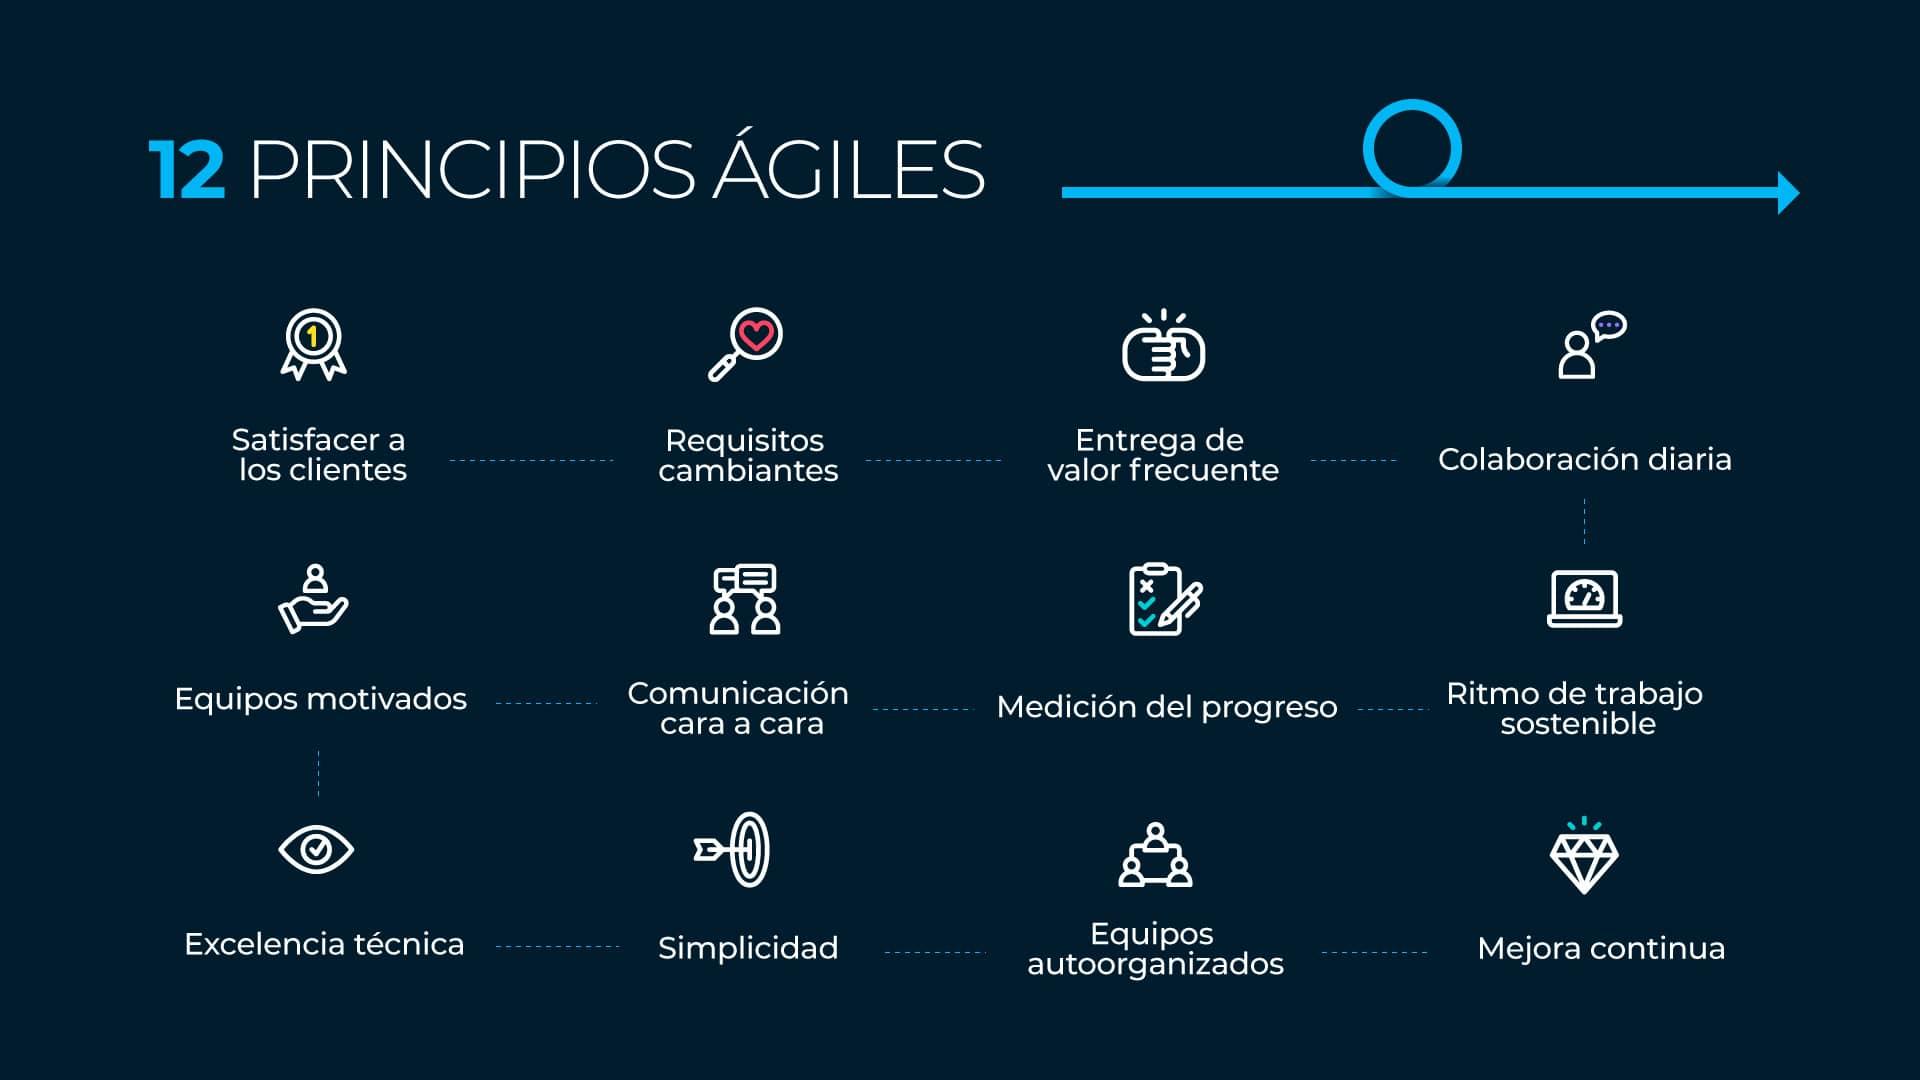 12 principios ágiles